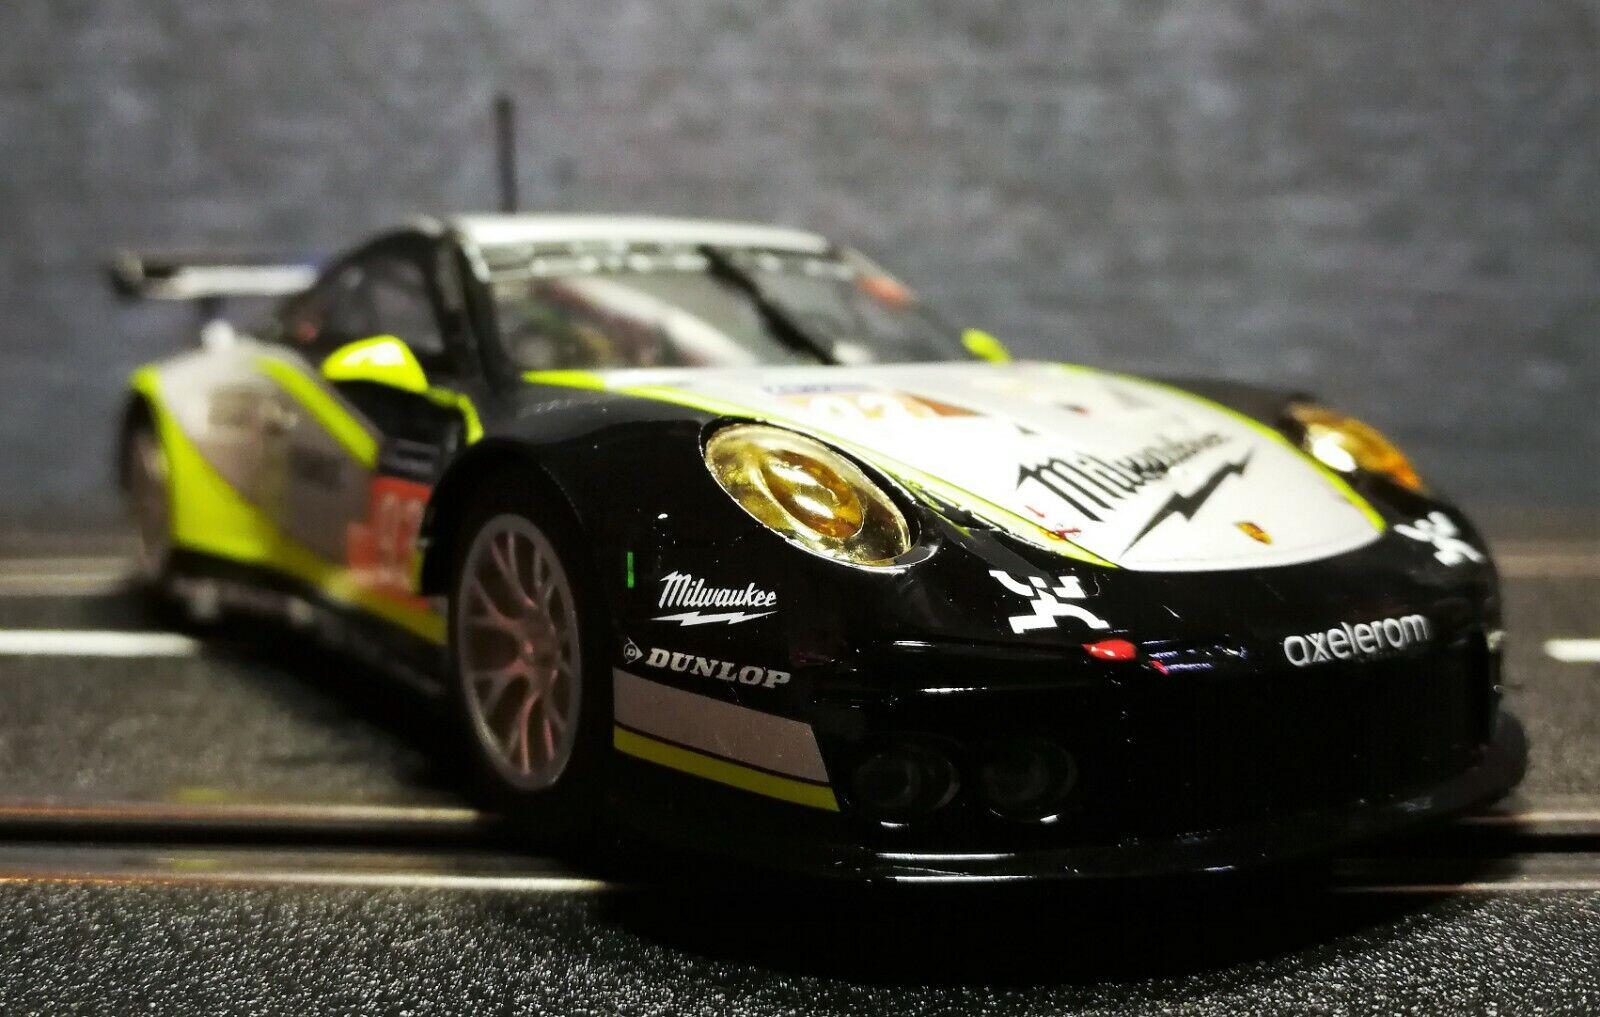 1 32 Porsche 911 RSR LeMans 2017 für Carrera Digital 132 +Licht + Bremslicht